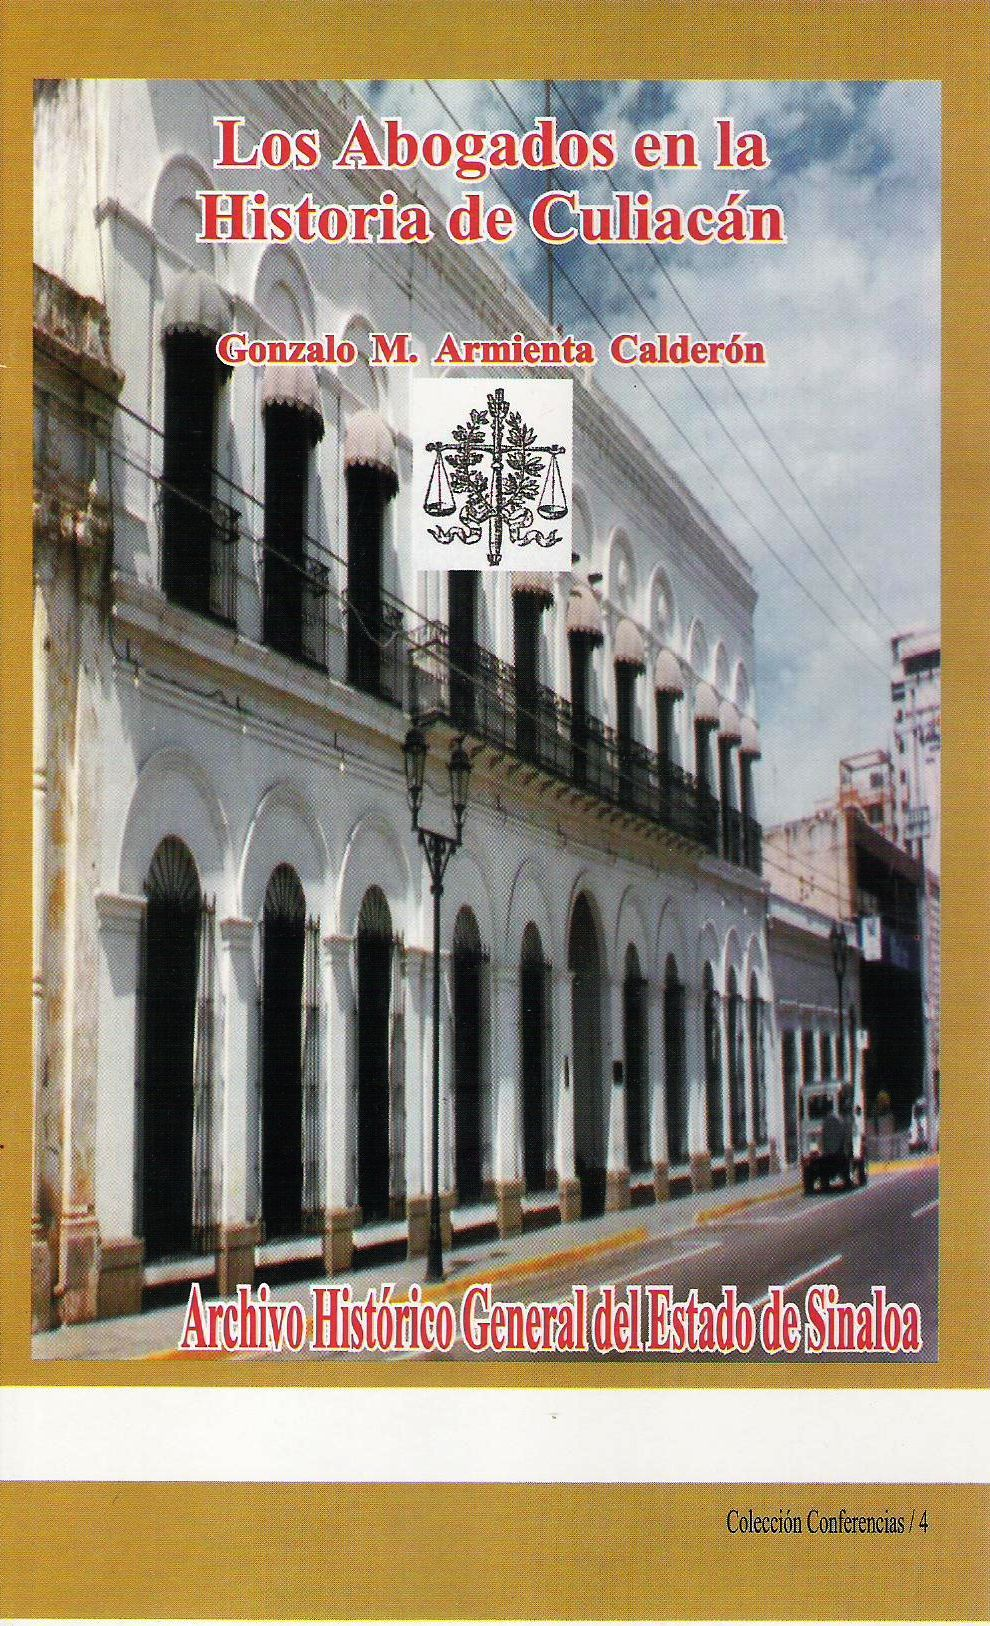 Los abogados en la Historia de Culiacn